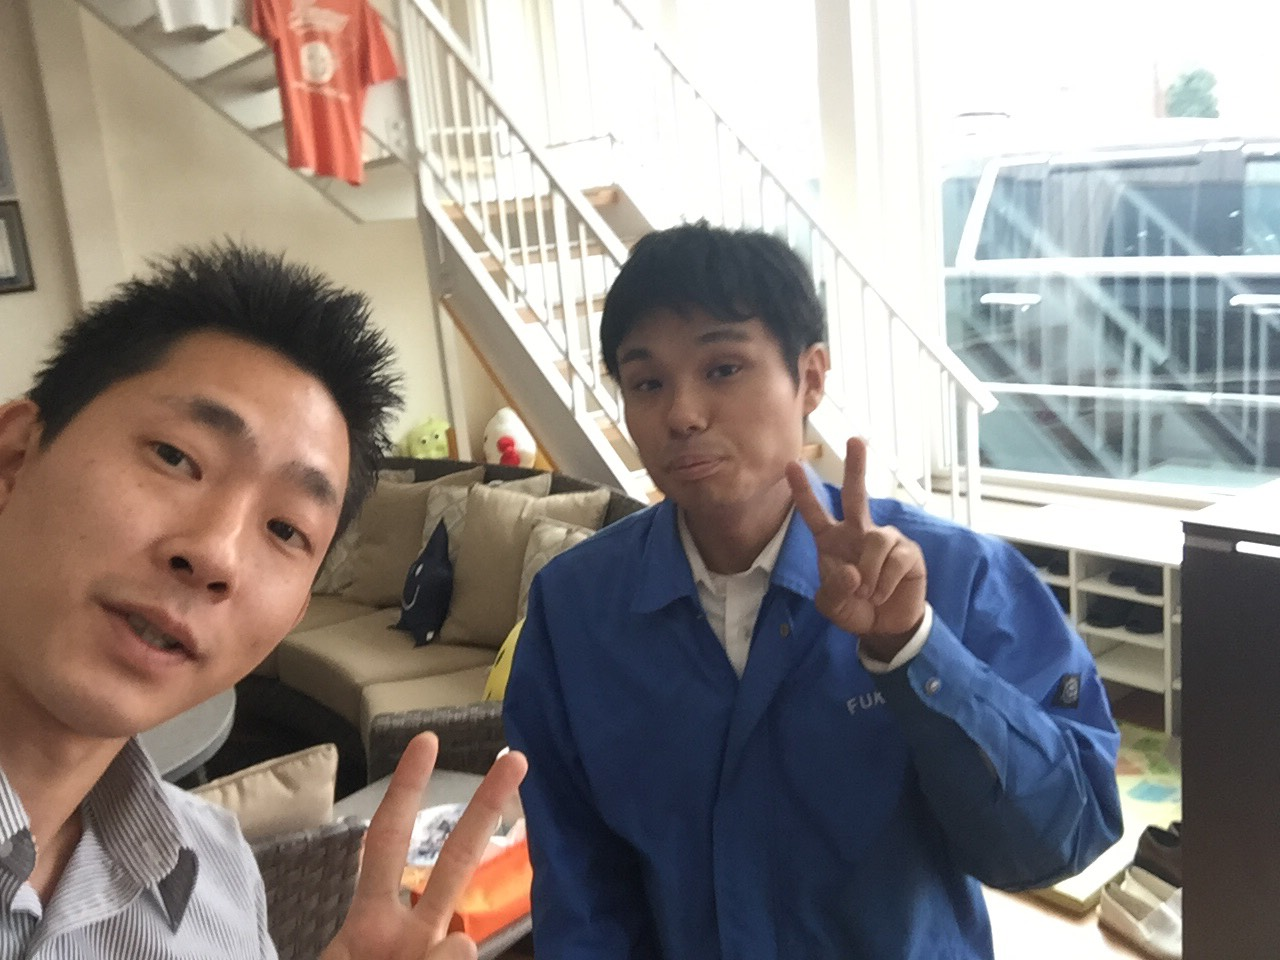 8月30日 水曜日のひとログヽ( 'ω' )ノ キャンピングカー・バスもレンタルできます♬TOMMY_b0127002_1753328.jpg